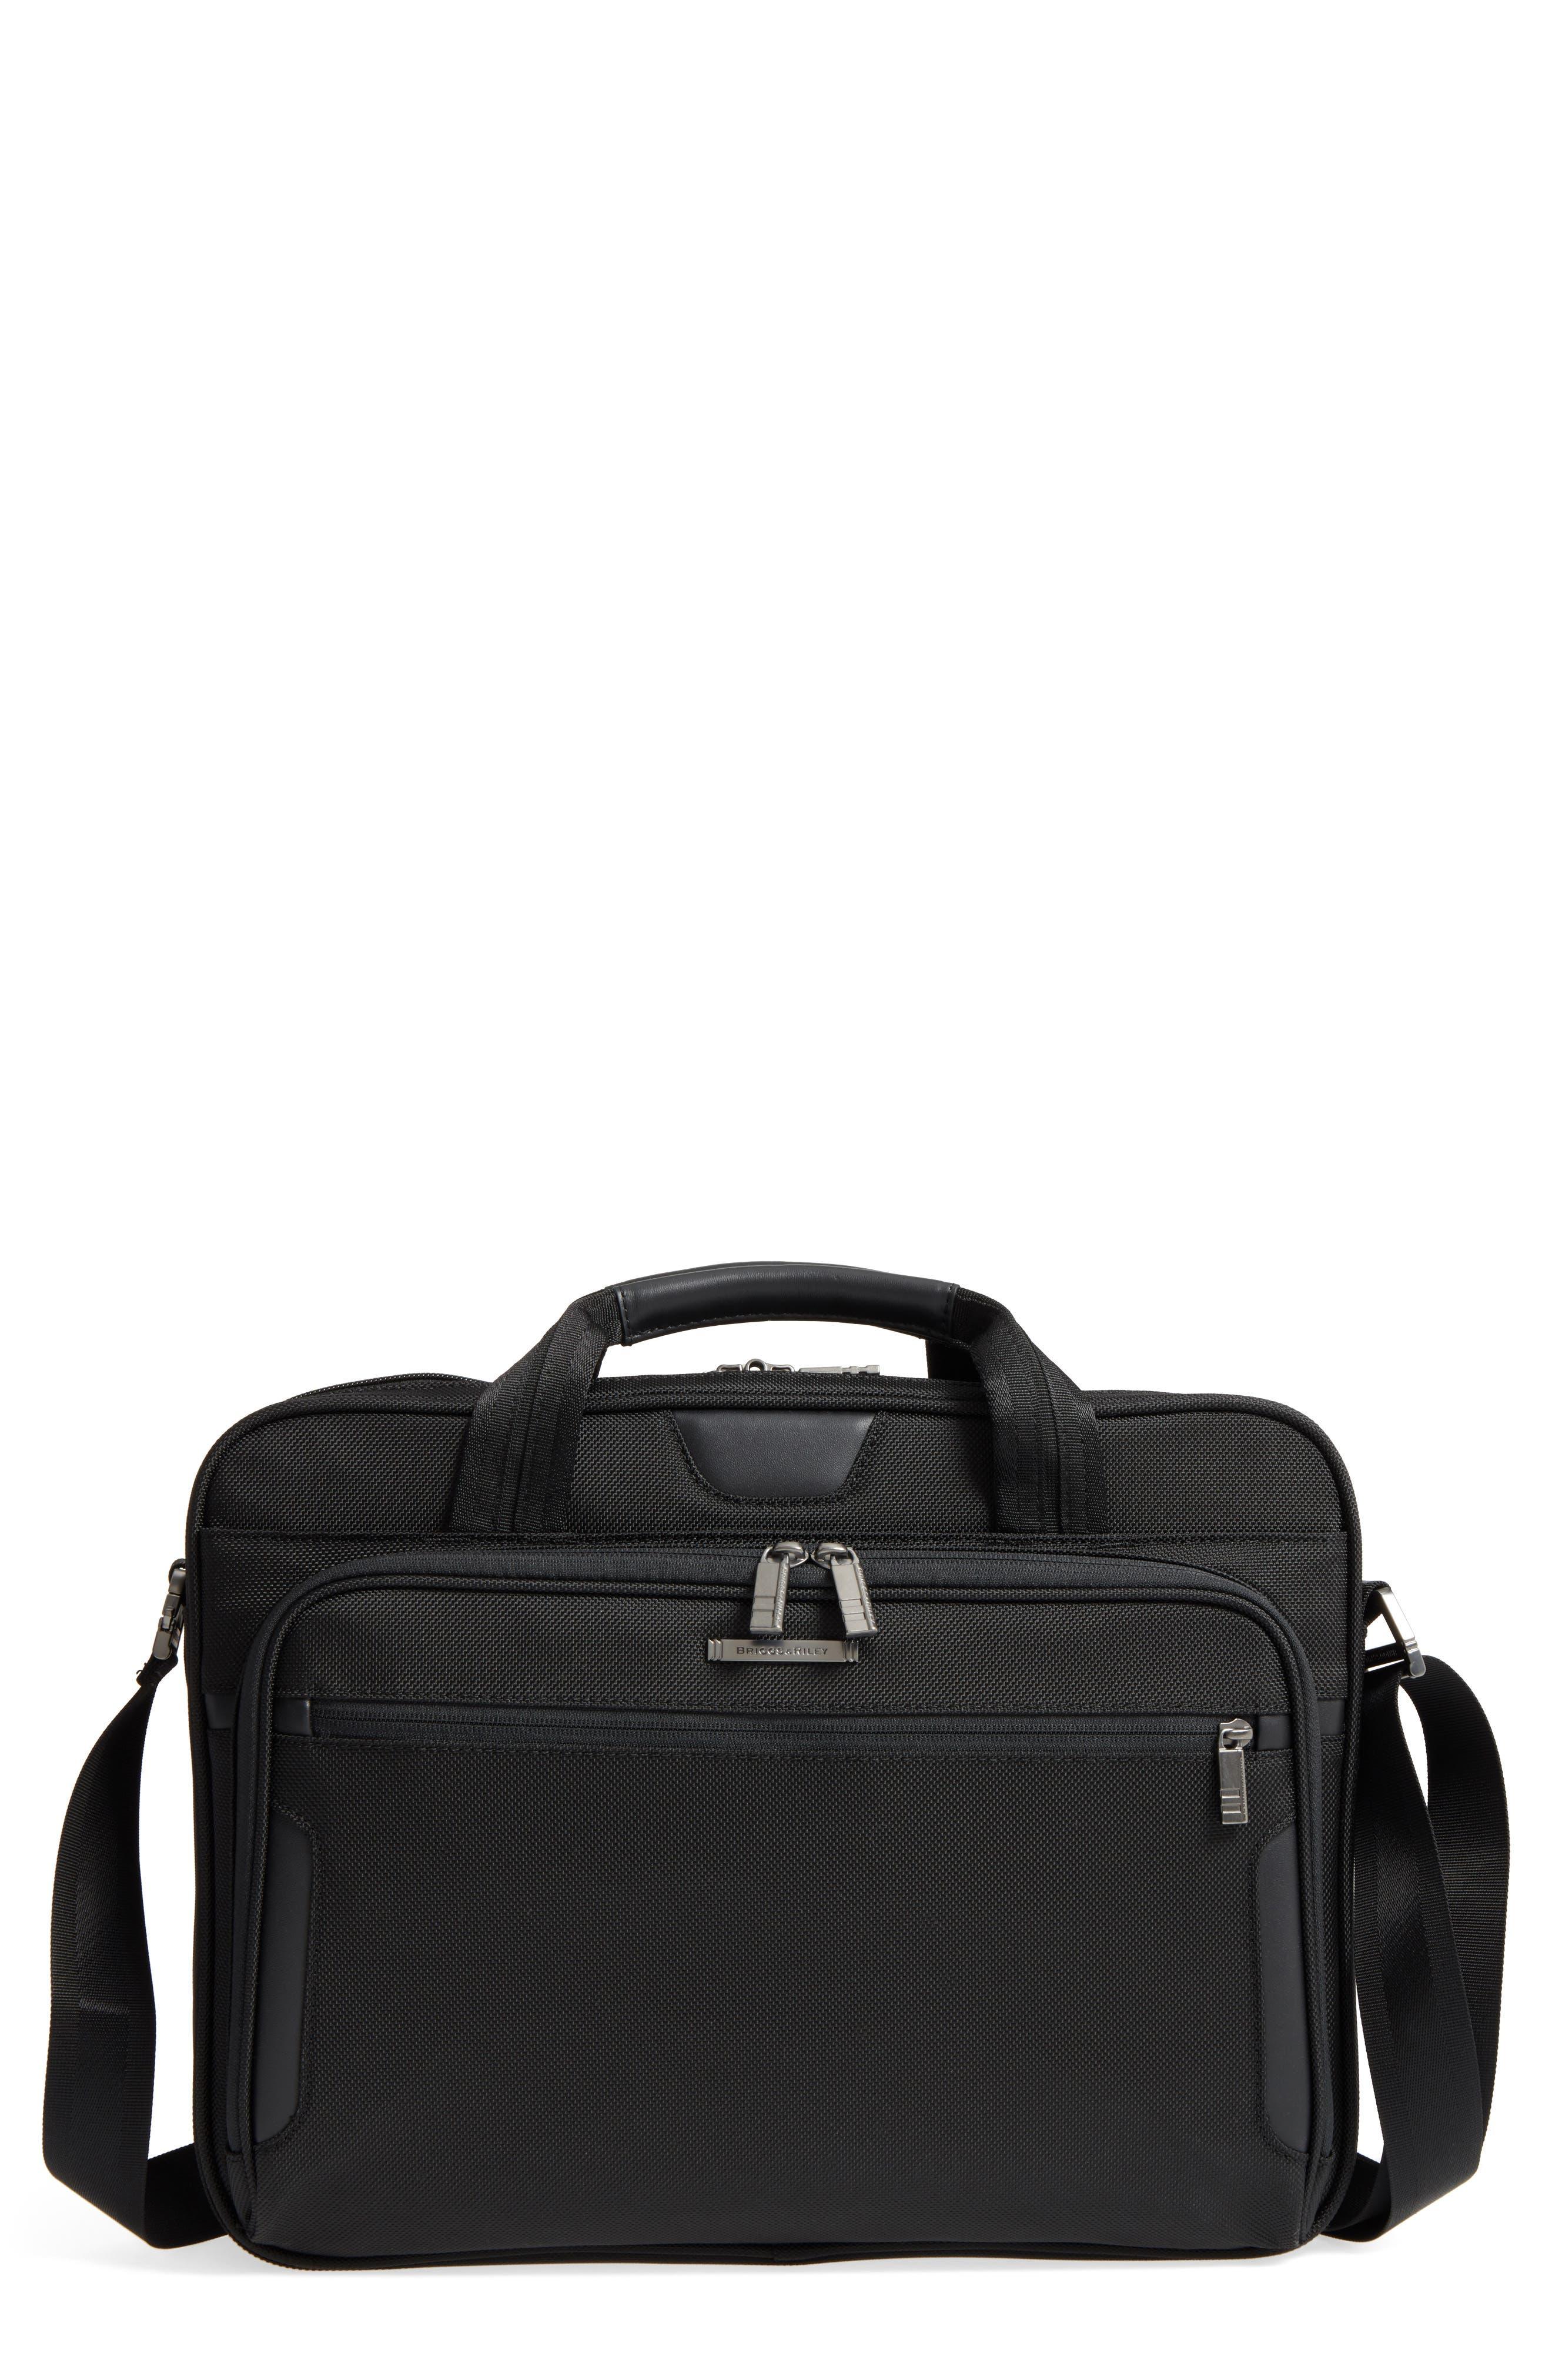 Briggs & Riley 'Medium' Ballistic Nylon Briefcase